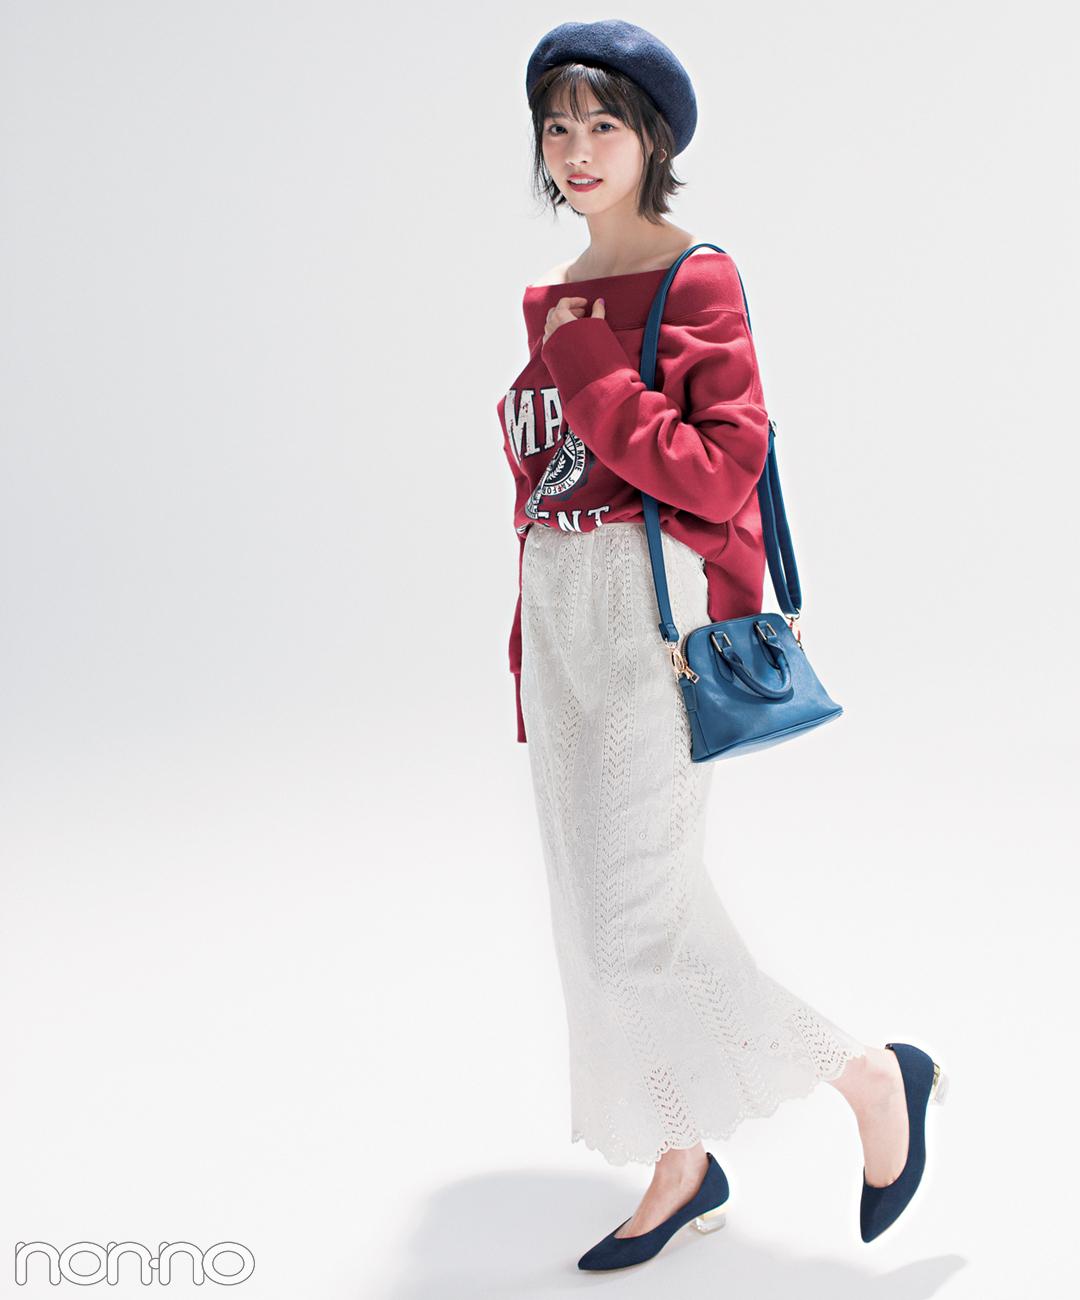 優子・七瀬・まなみんが着る! おしゃれ度急上昇♡ 赤×ネイビー×白の春コーデ4選_1_3-3